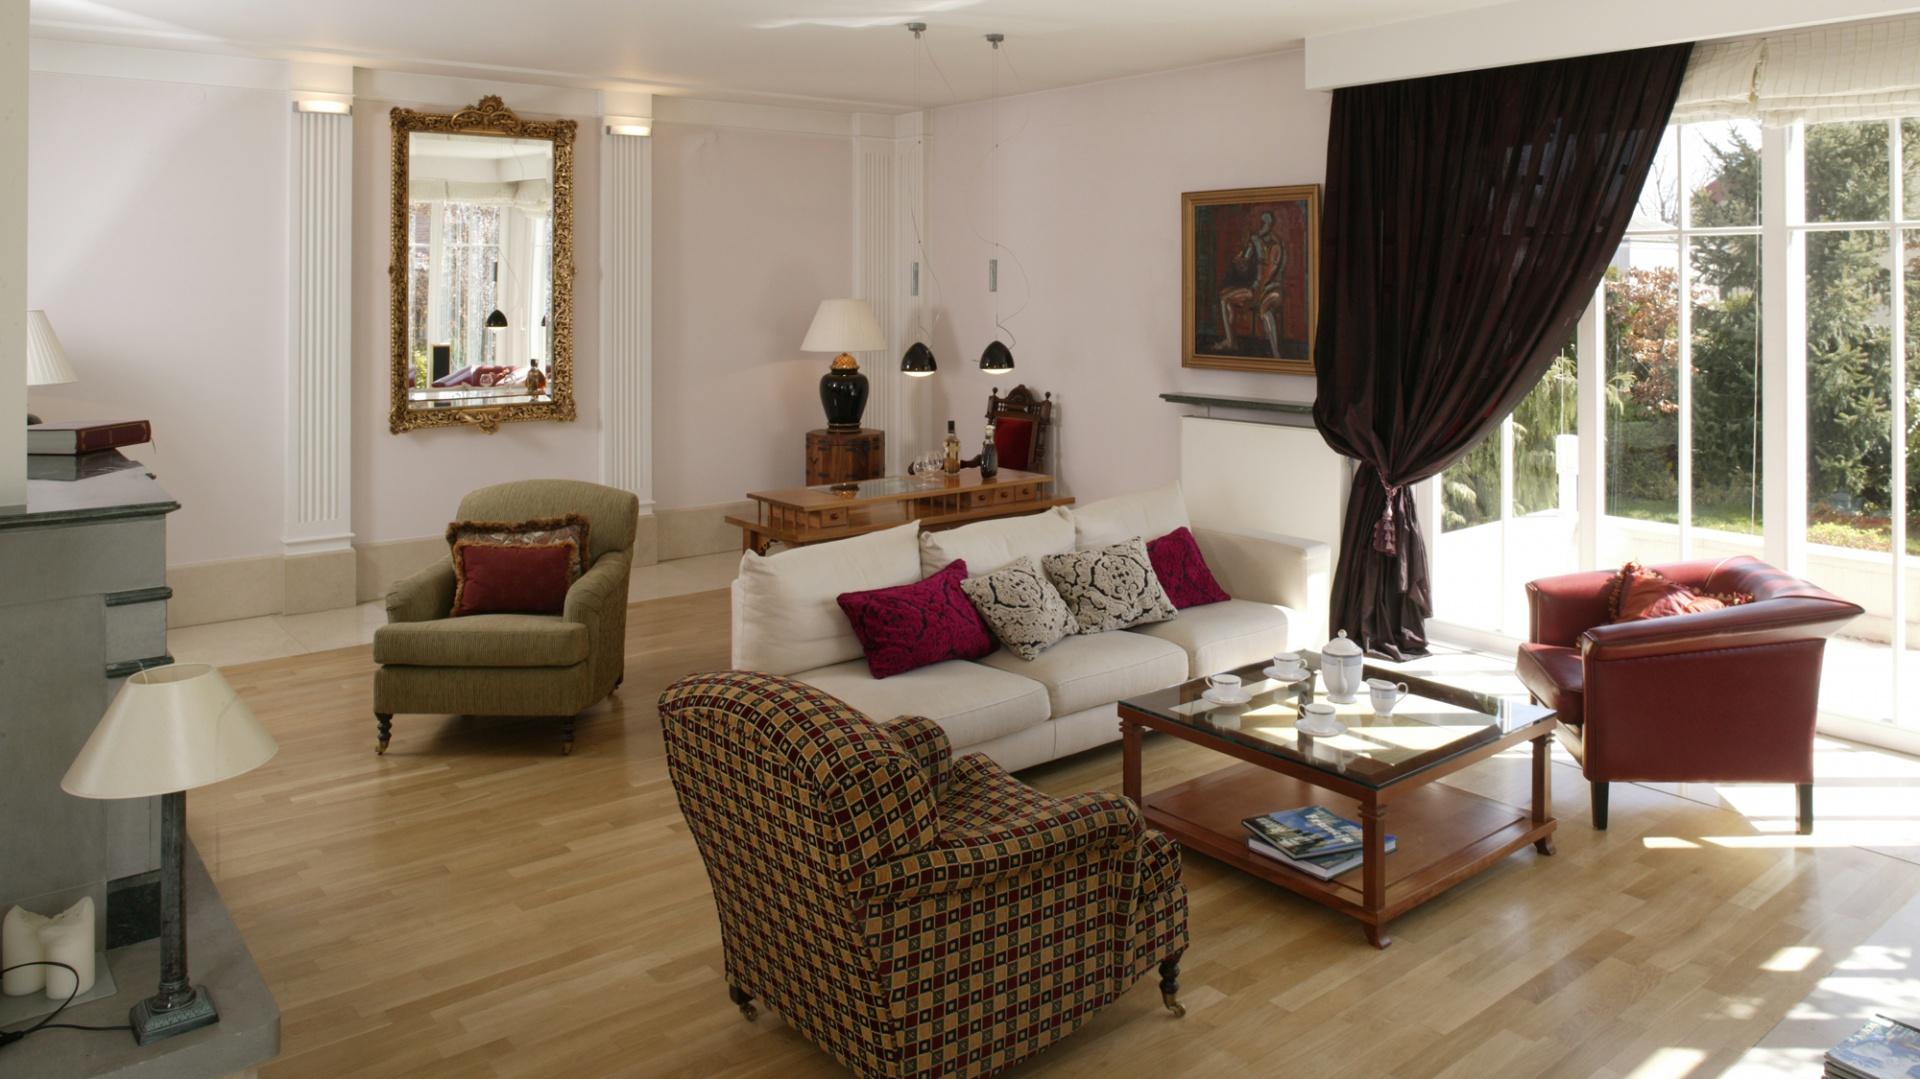 Francuskie fotele – każdy w innej tkaninie, biała kanapa, kotary i poduszki wprowadzają do salonu dużo ciepła i przytulności. Tkaniny były dobierane przez architekta i panią domu. Fot. Bartosz Jarosz.